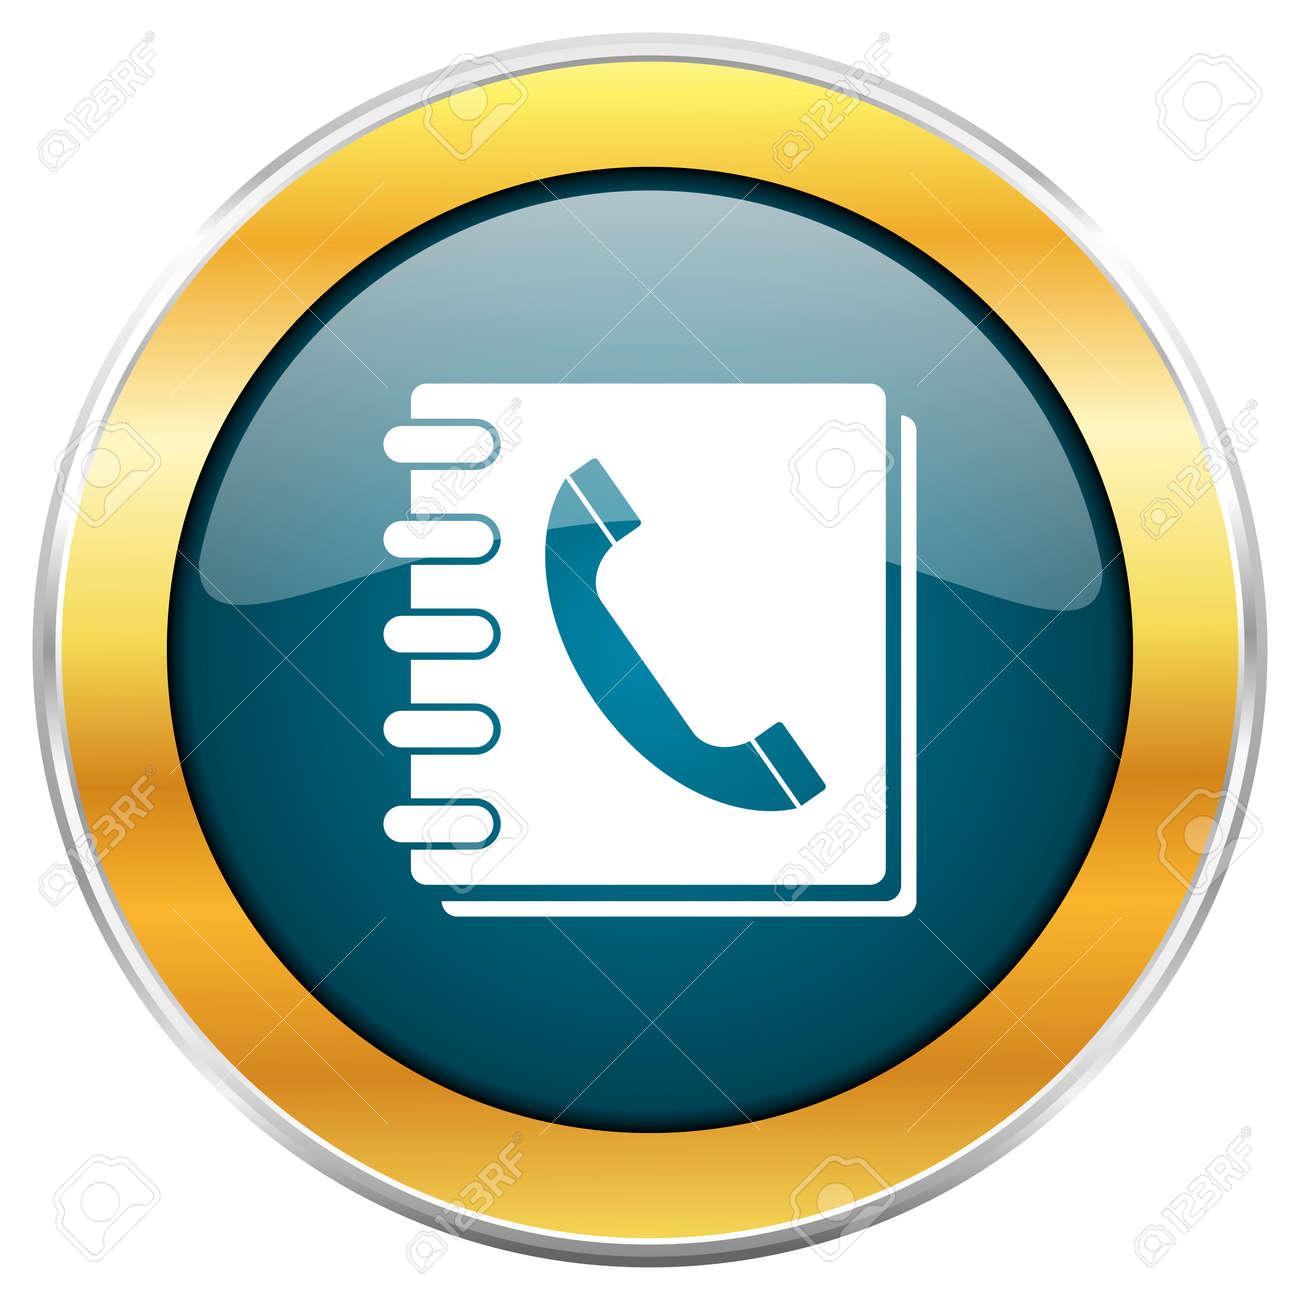 410a85c67e2 Foto de archivo - Icono redondo brillante azul de la guía telefónica con el  borde metálico de cromo dorado aislado en el fondo blanco para los  diseñadores ...